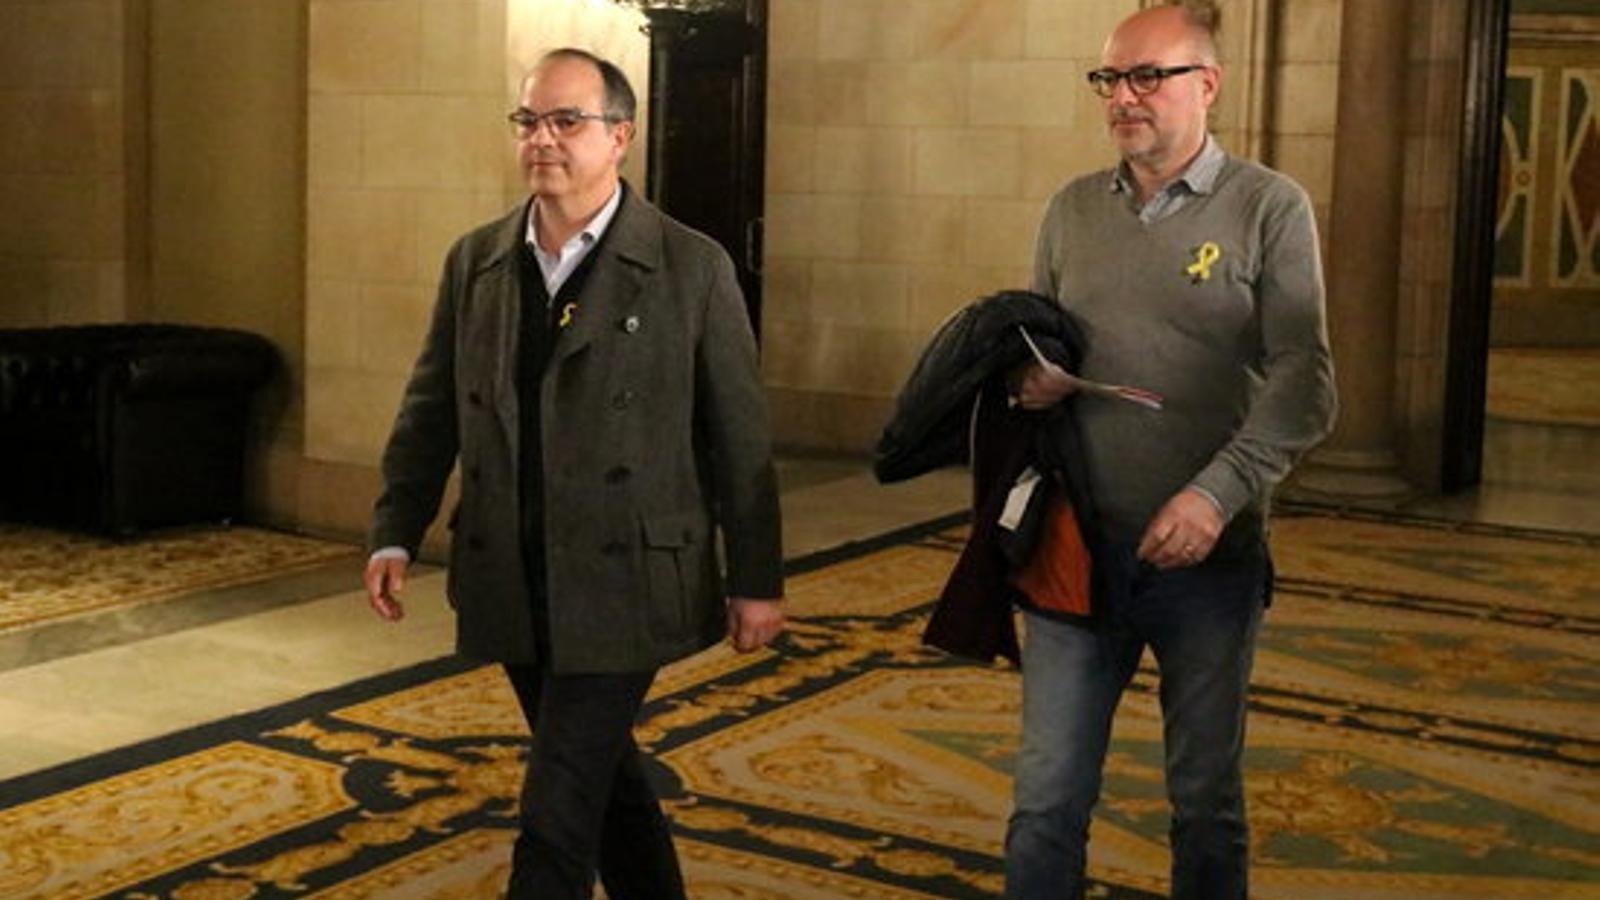 Els diputats de JxCAT Jordi Turull i Pep Riera, aquest dimecres als passadissos del Parlament